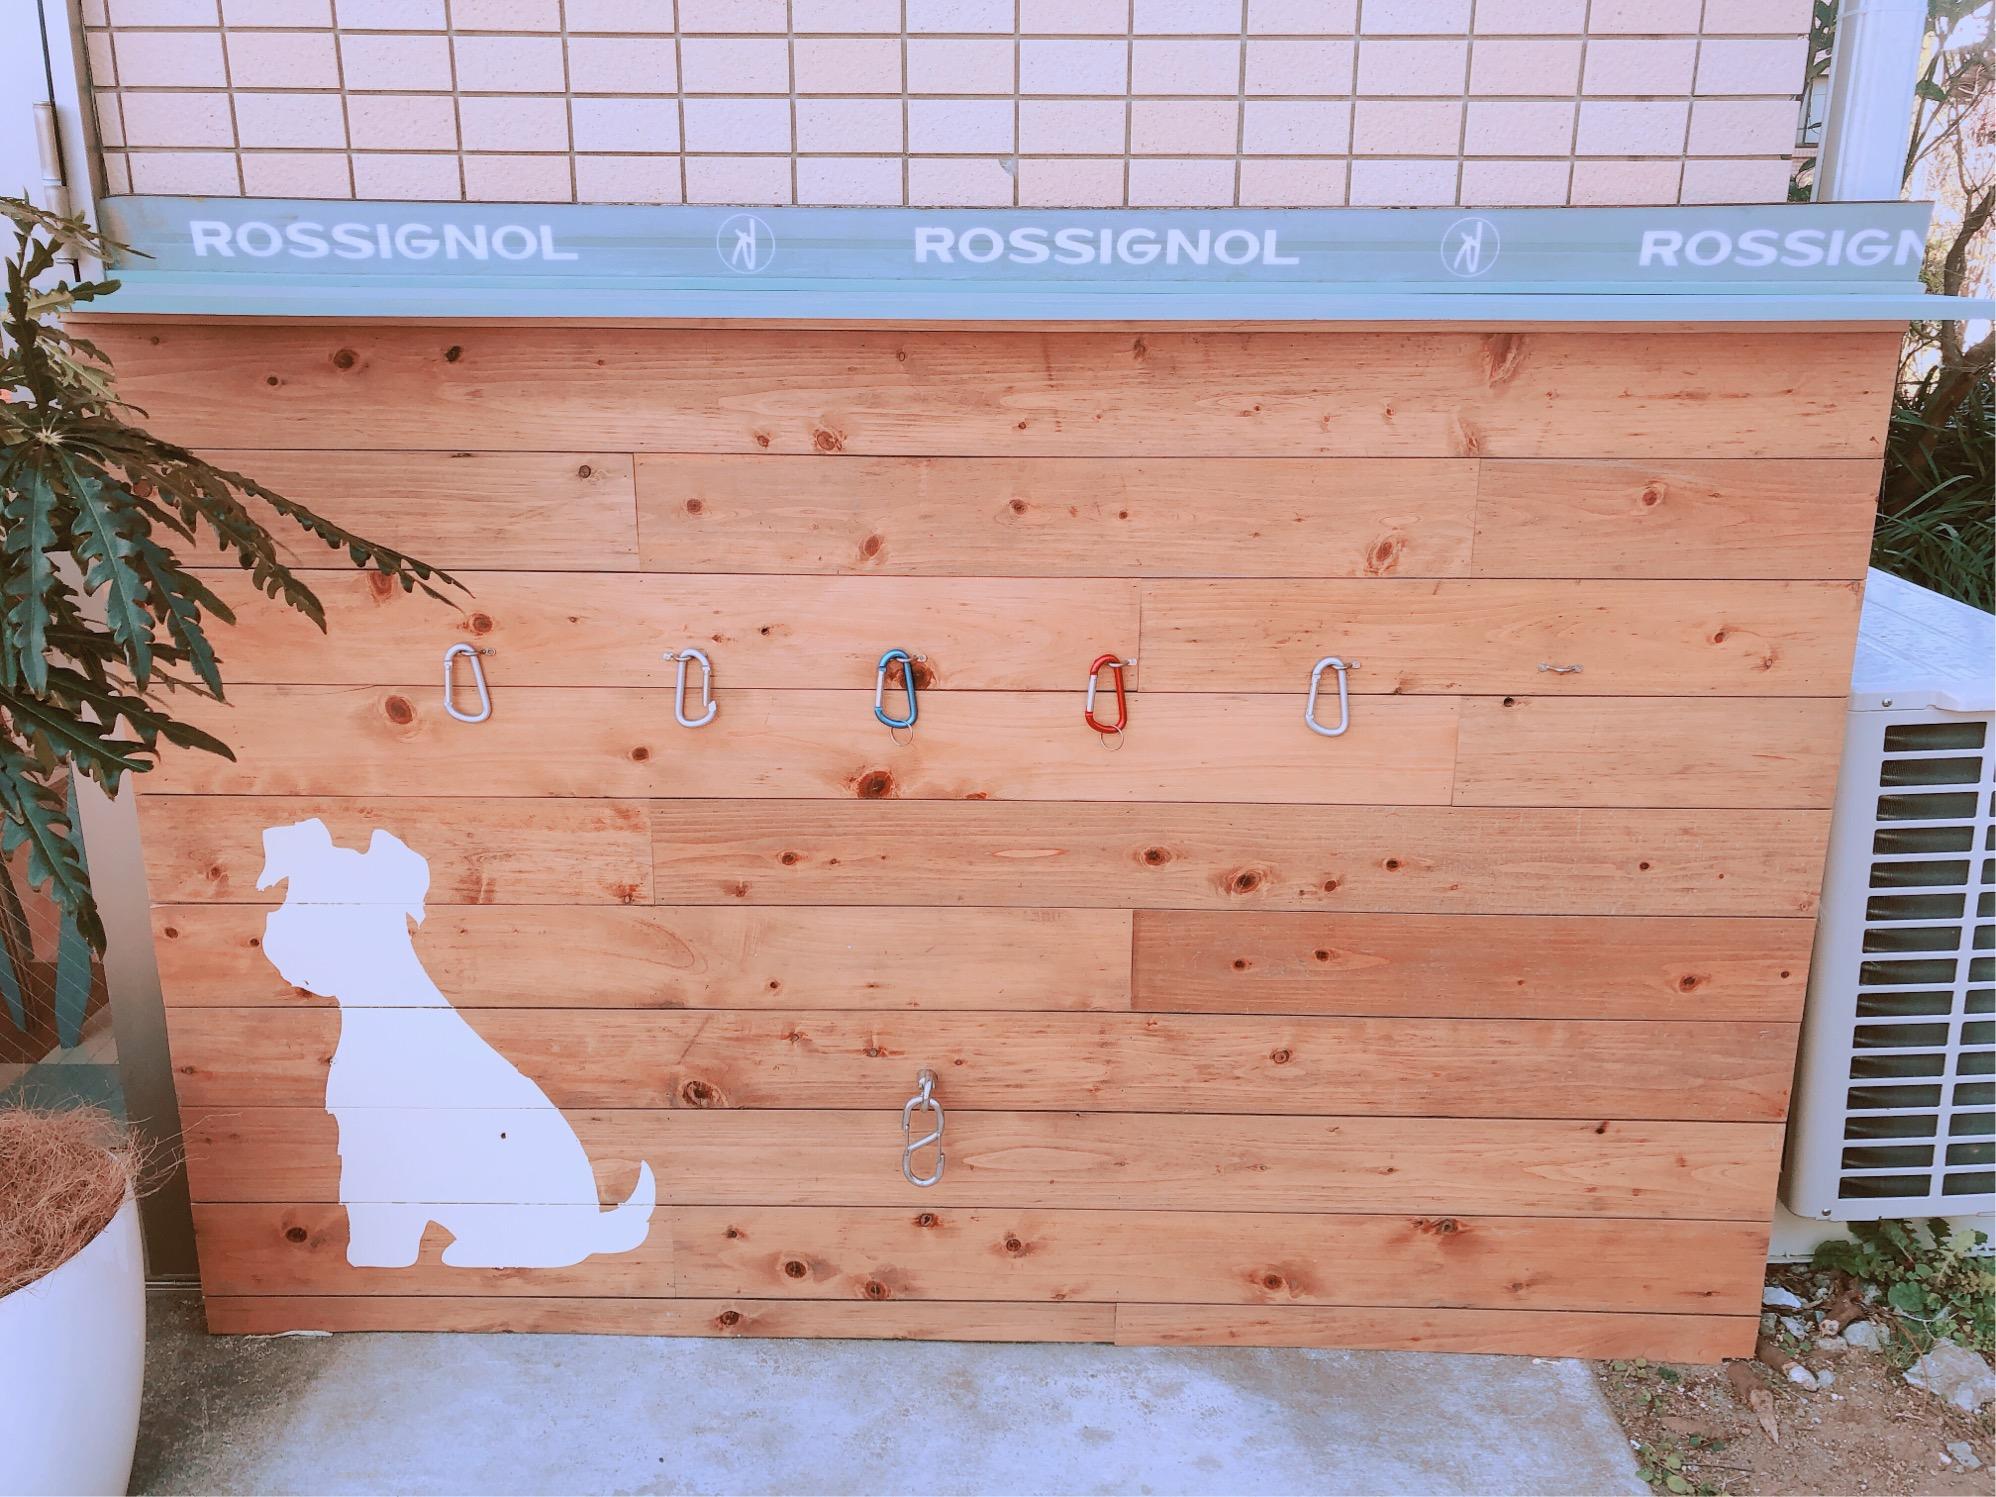 ミサキドーナツ葉山店の外観。ワンちゃん用の犬リールフックが可愛らしい。